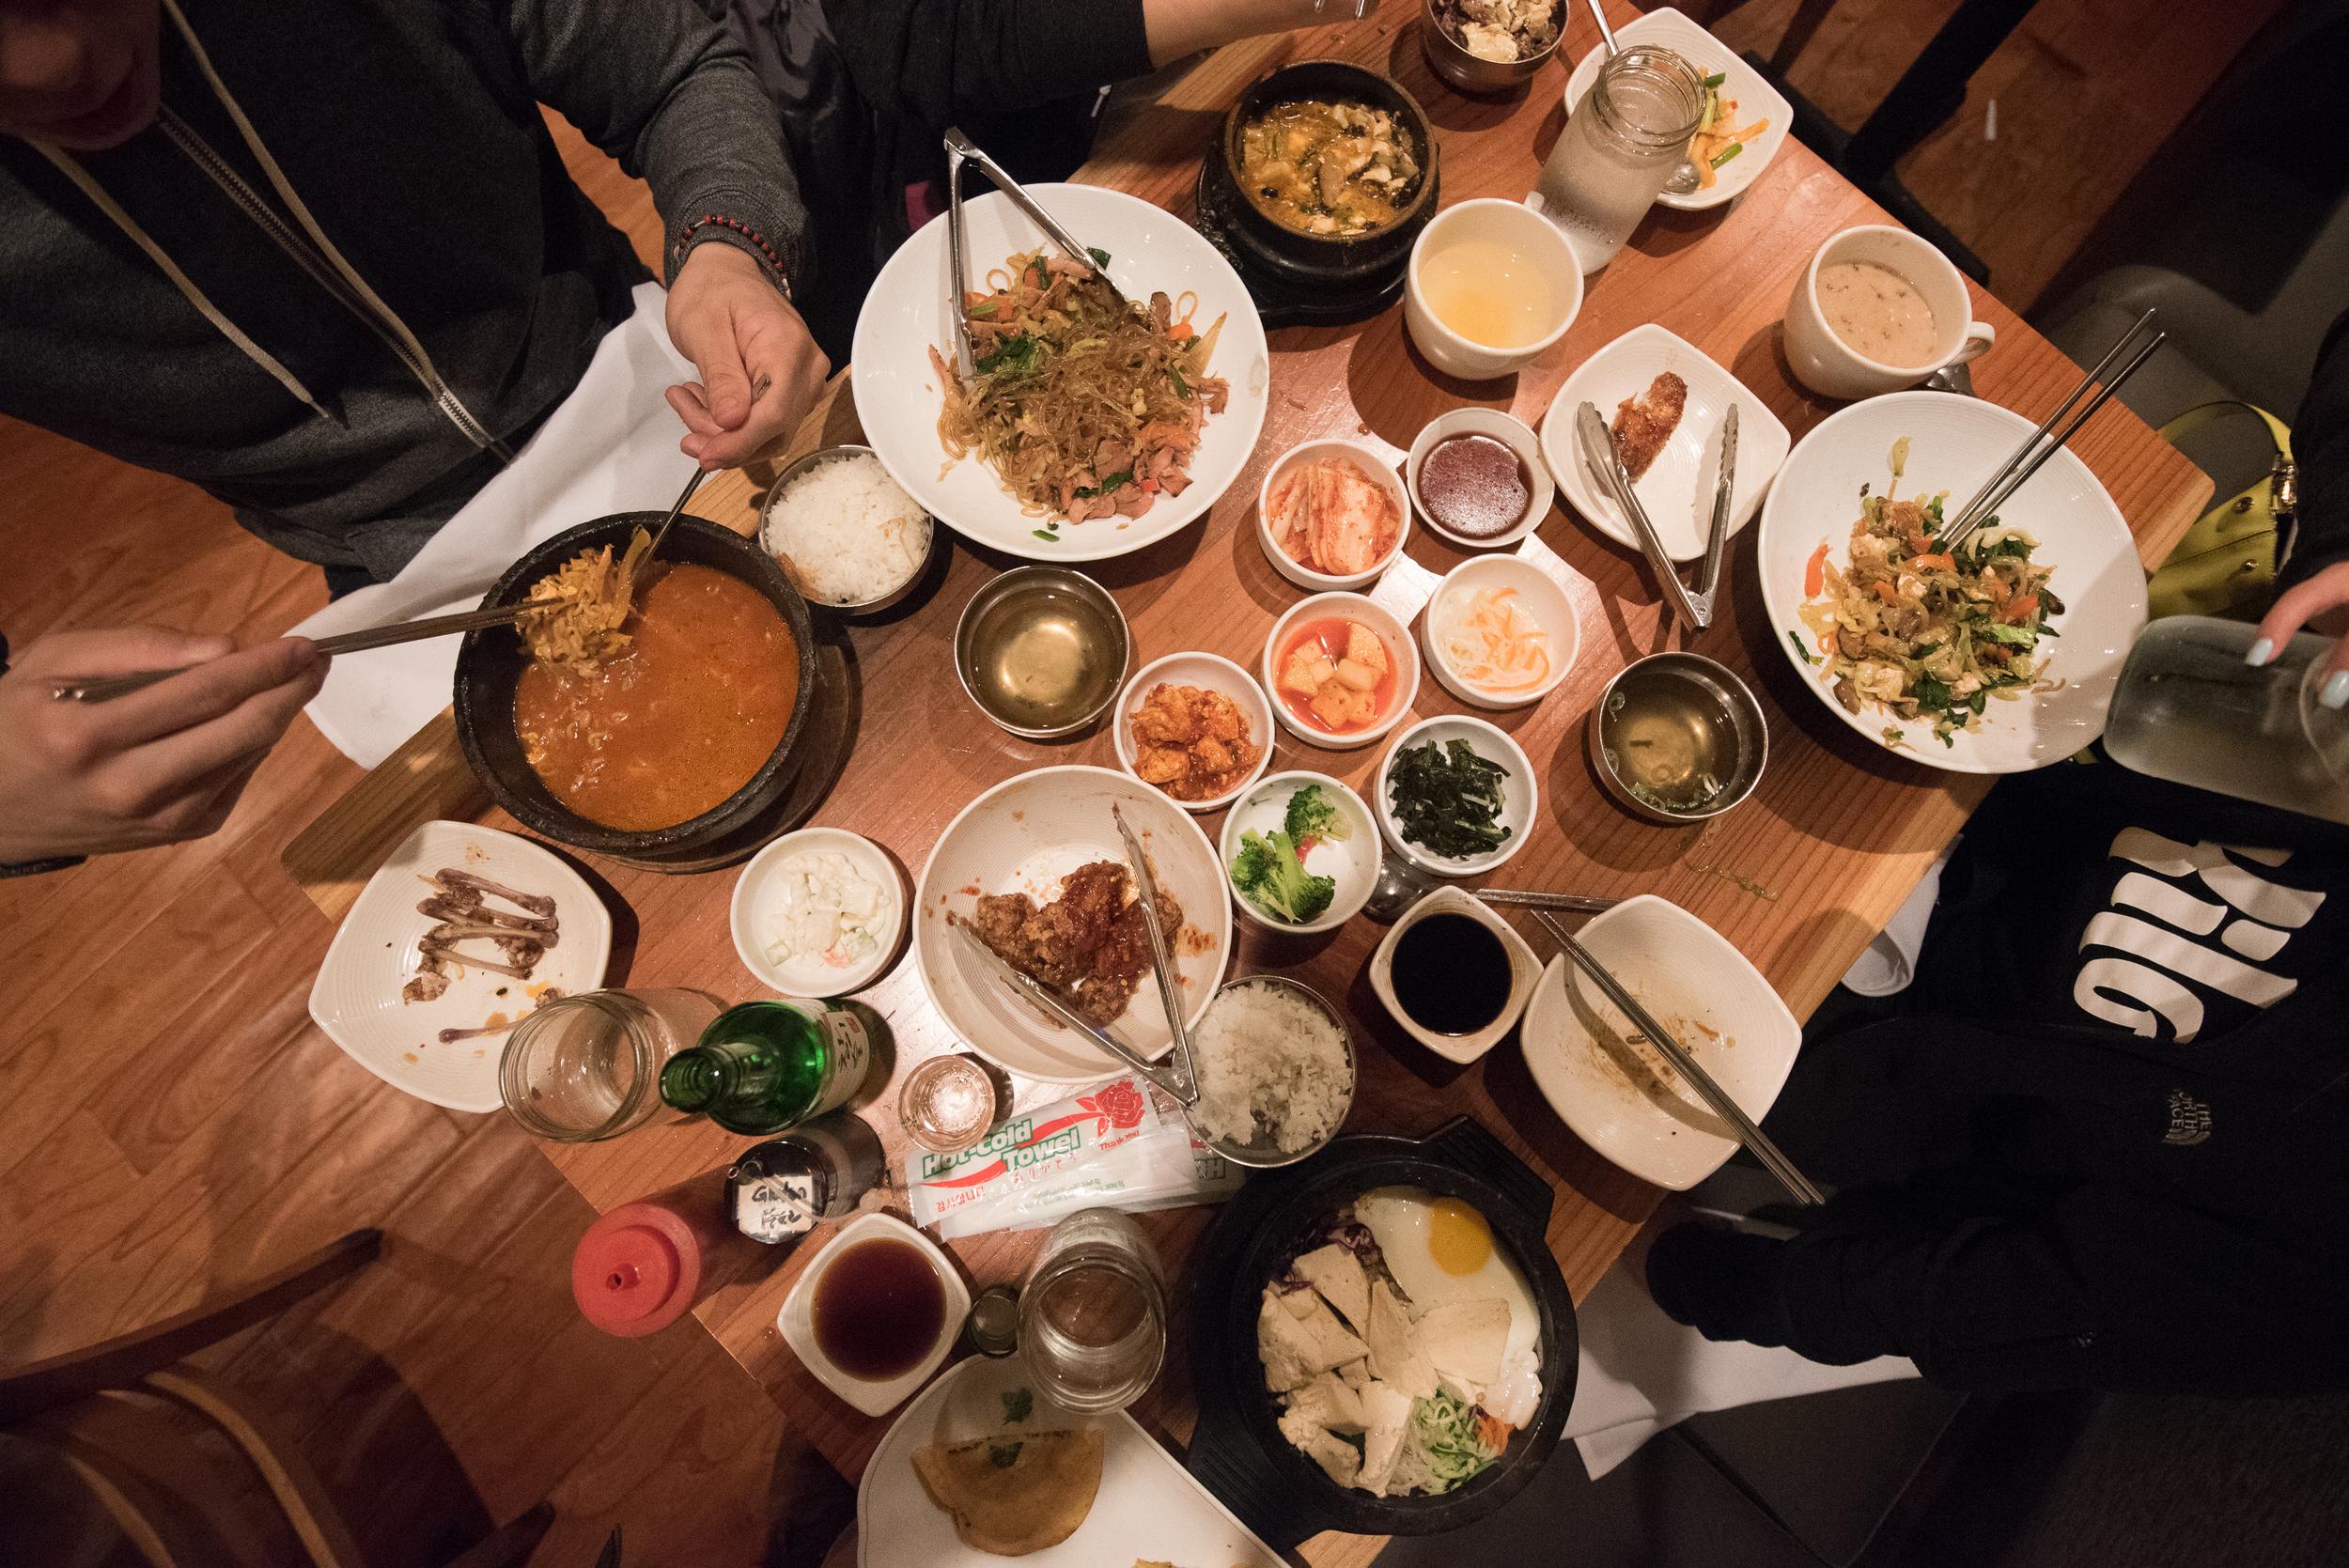 Some good Korean comfort food at Bowl'd!